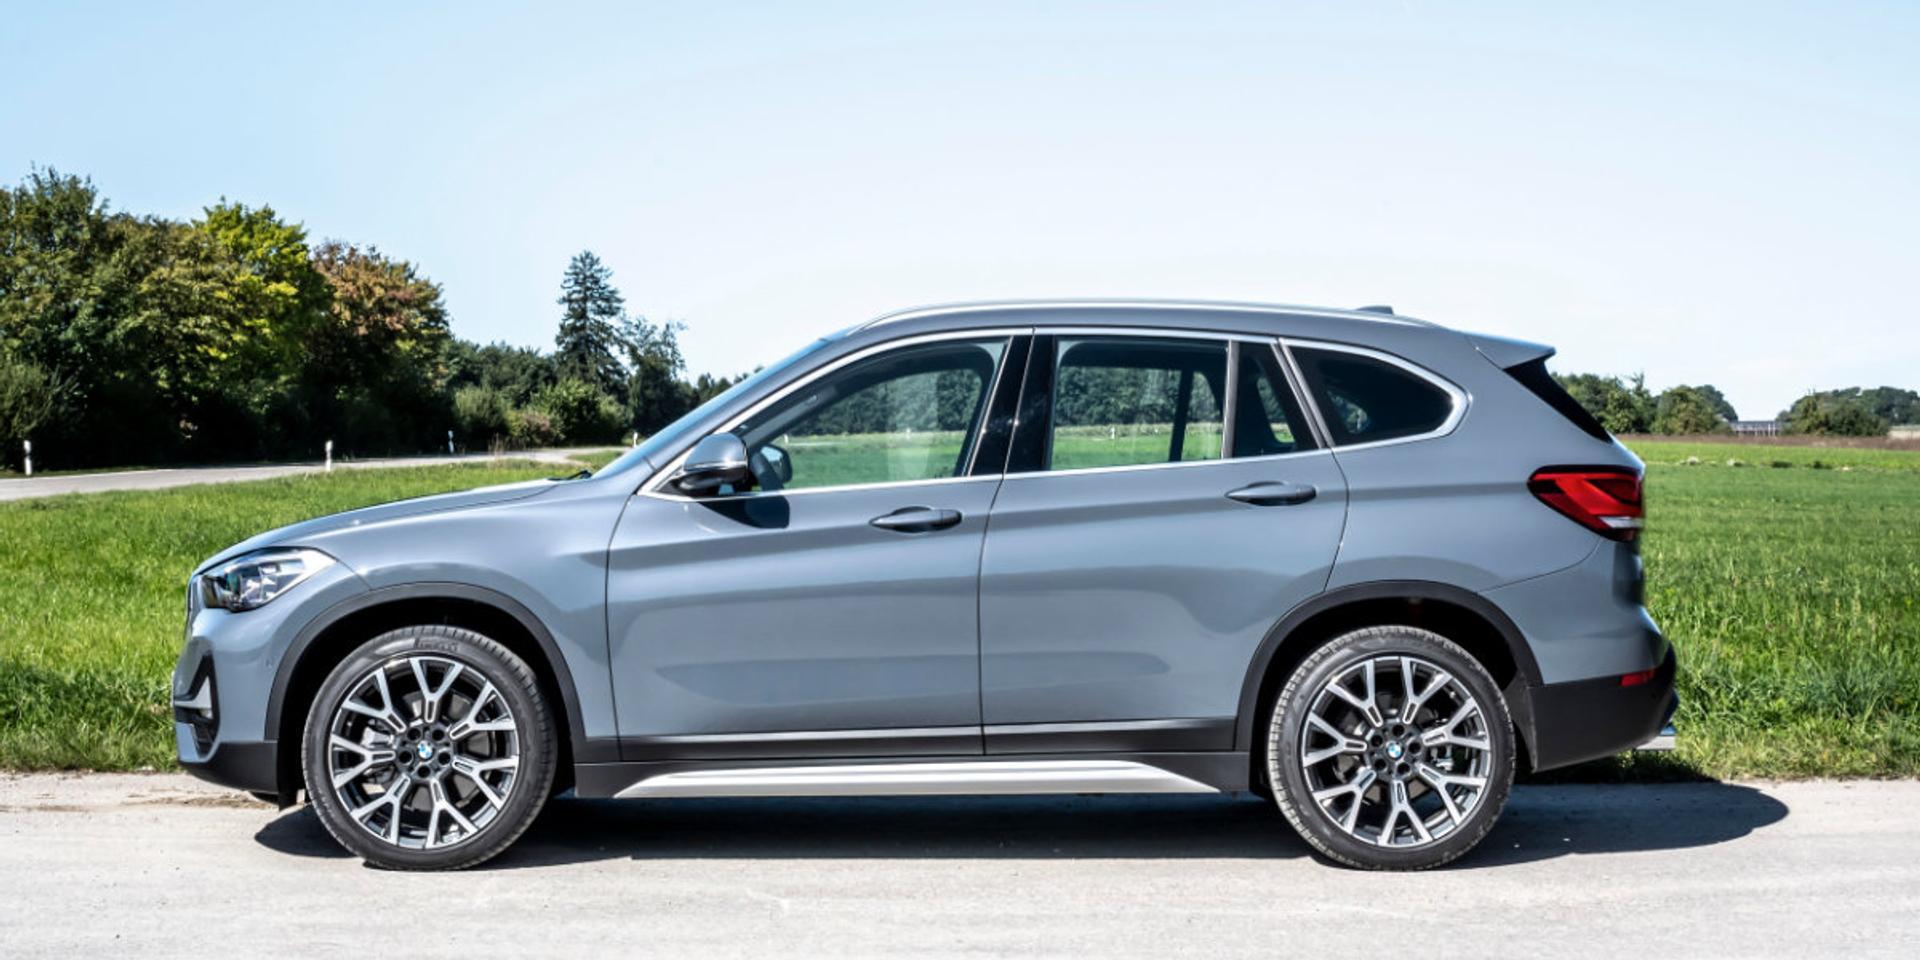 BMW X1 side view